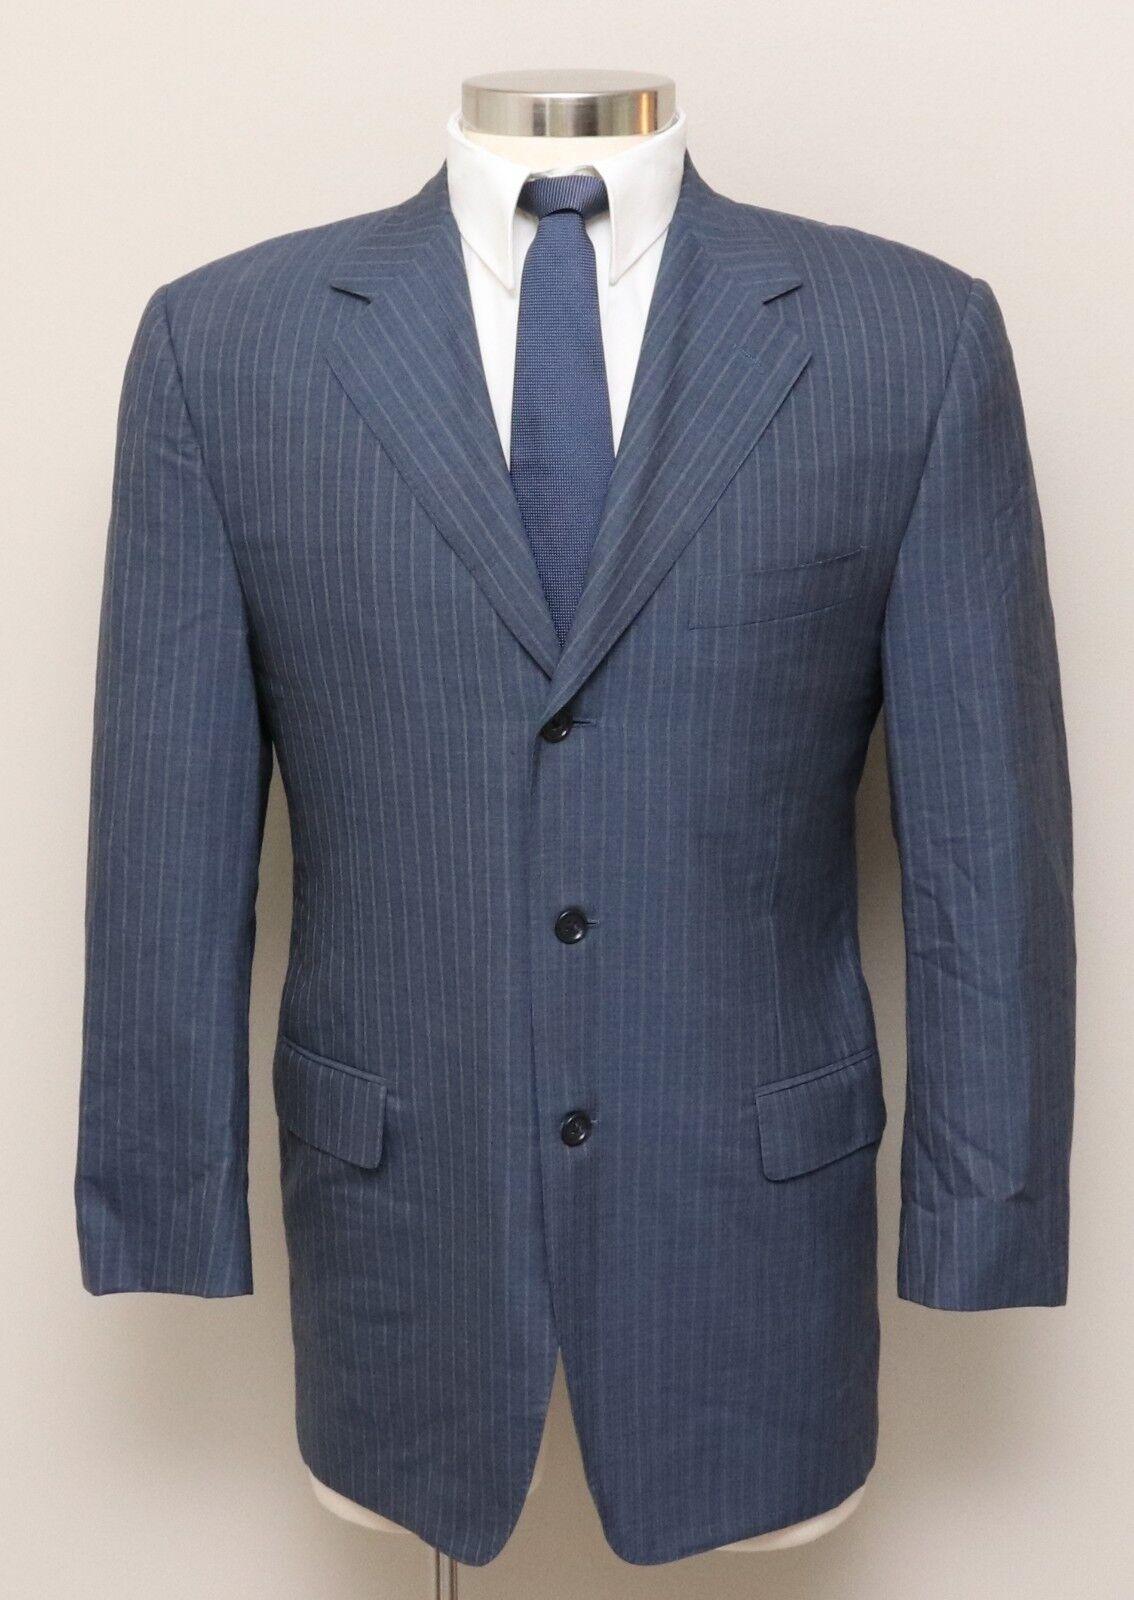 Herren 40R Canali Blau/Grau Stripe 100% Wool Blazer